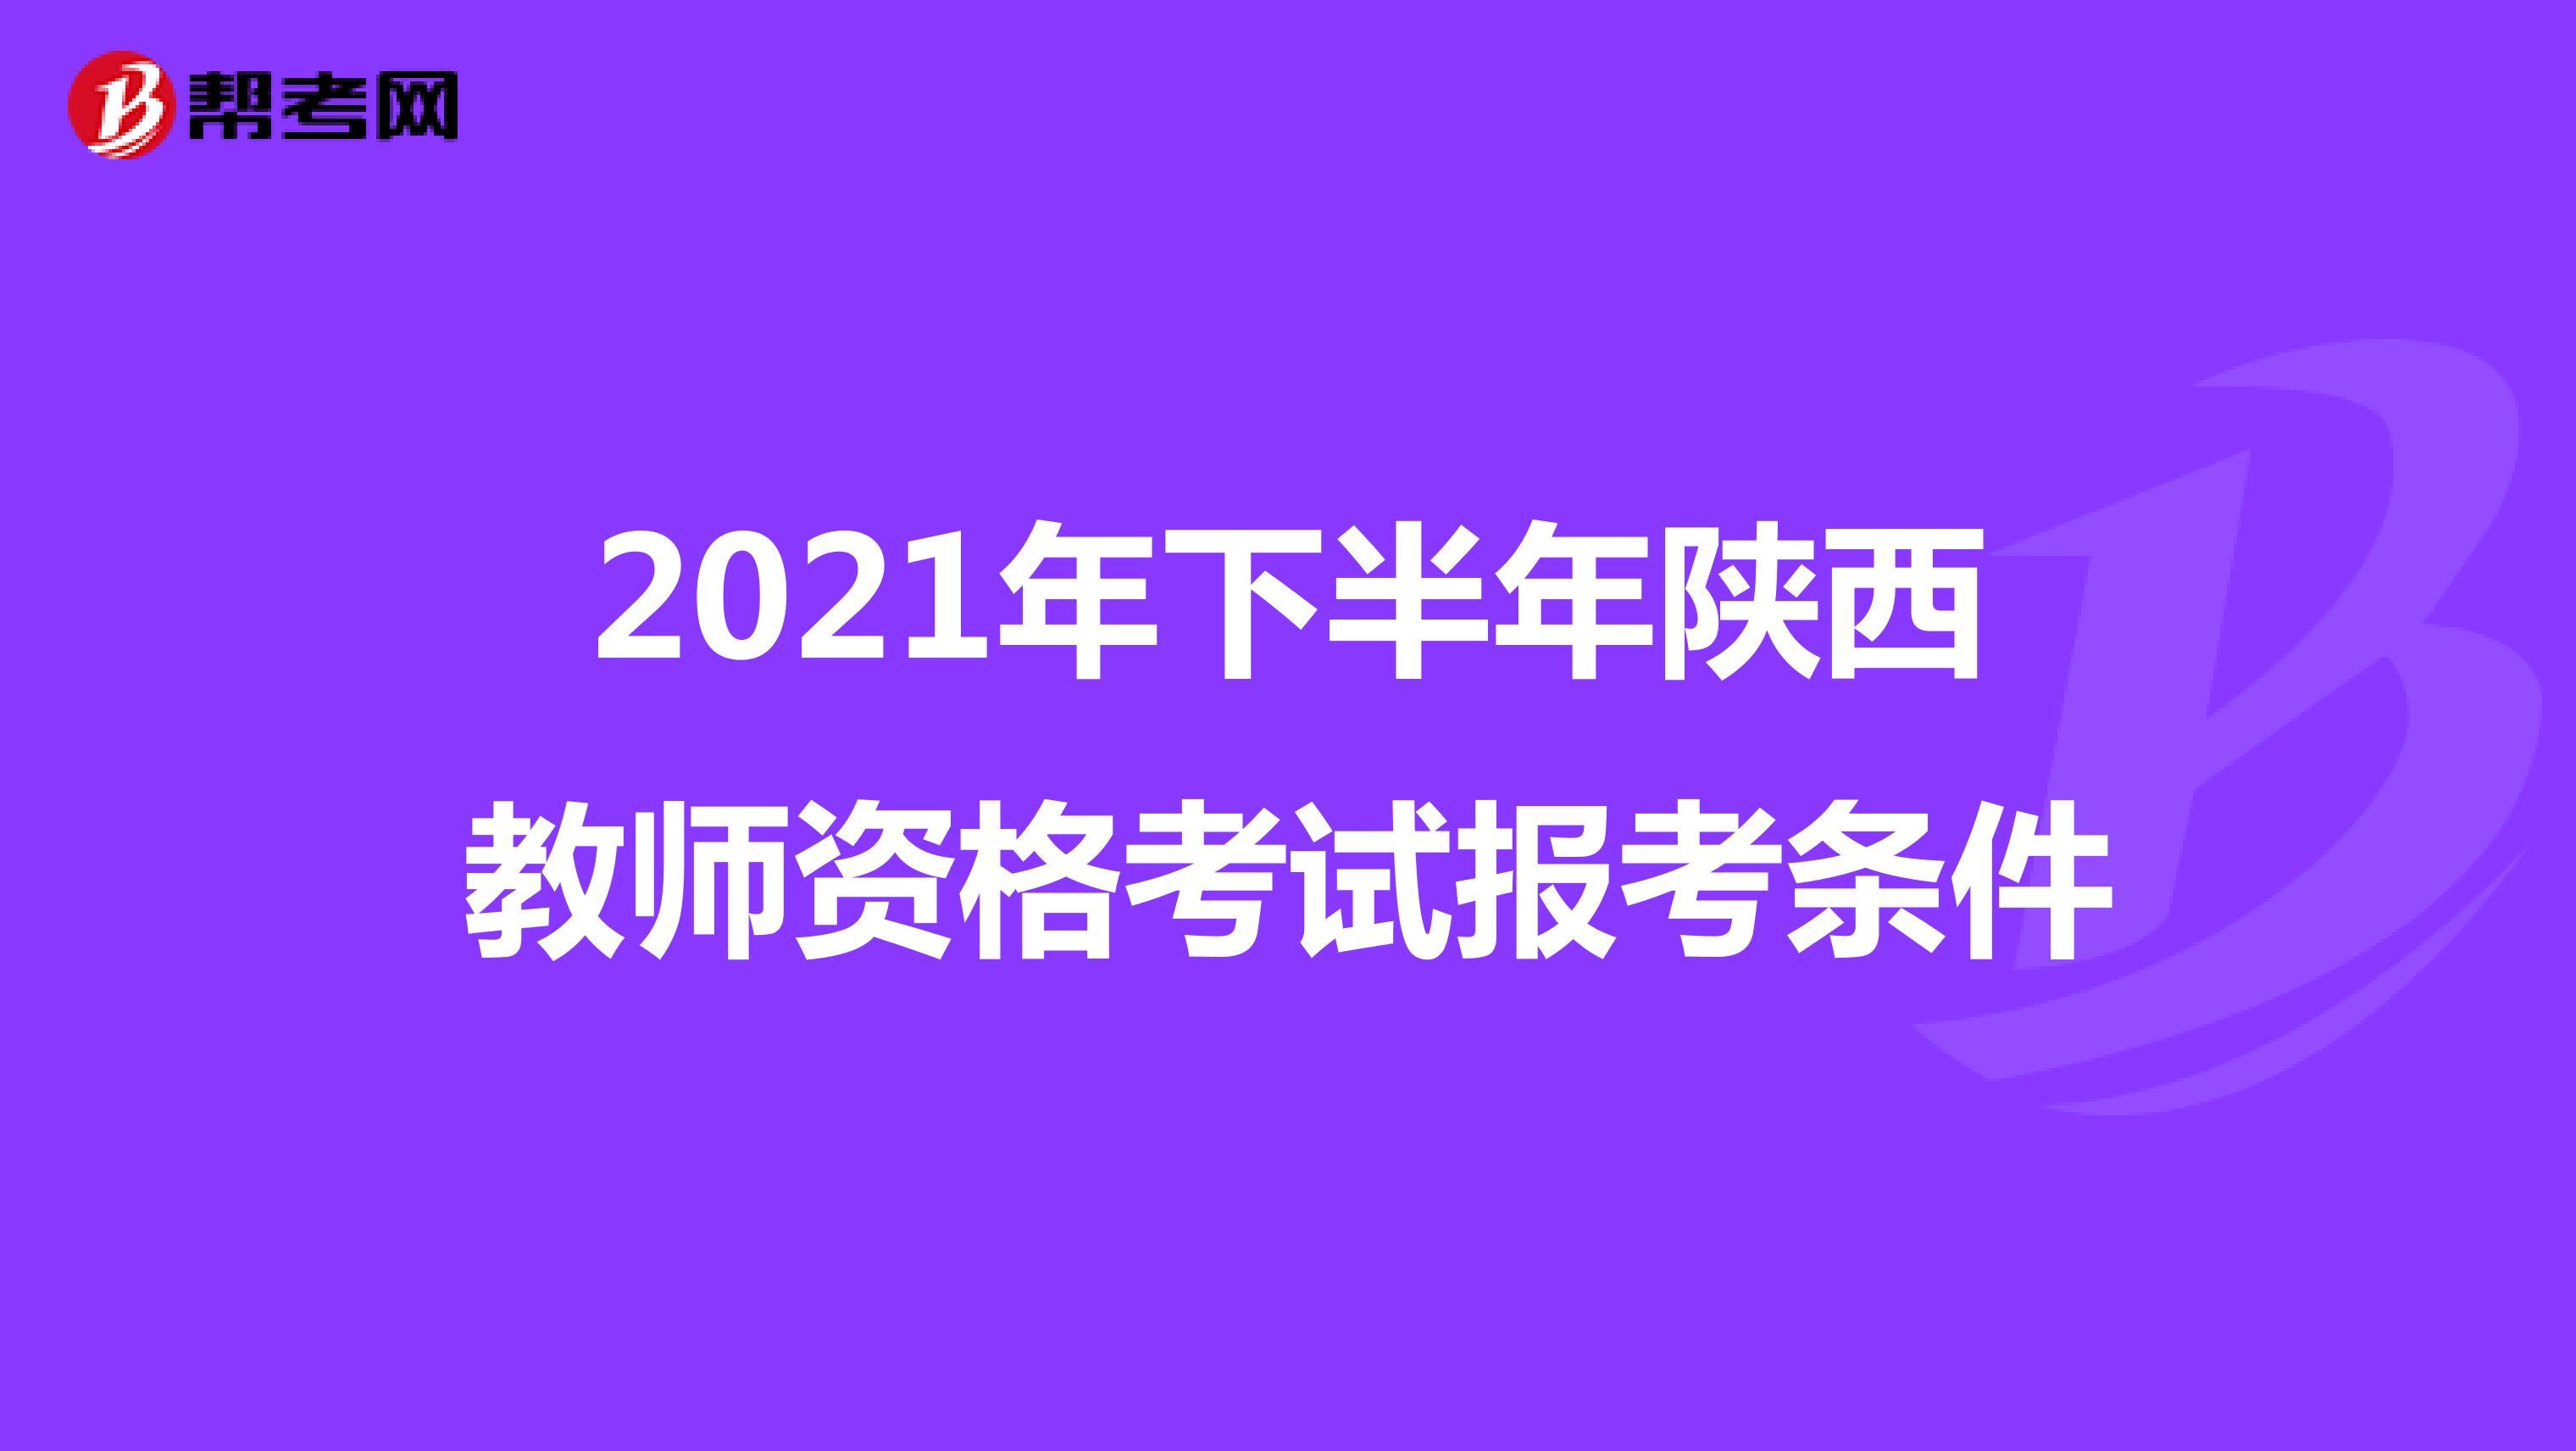 2021年下半年陕西教师资格考试报考条件